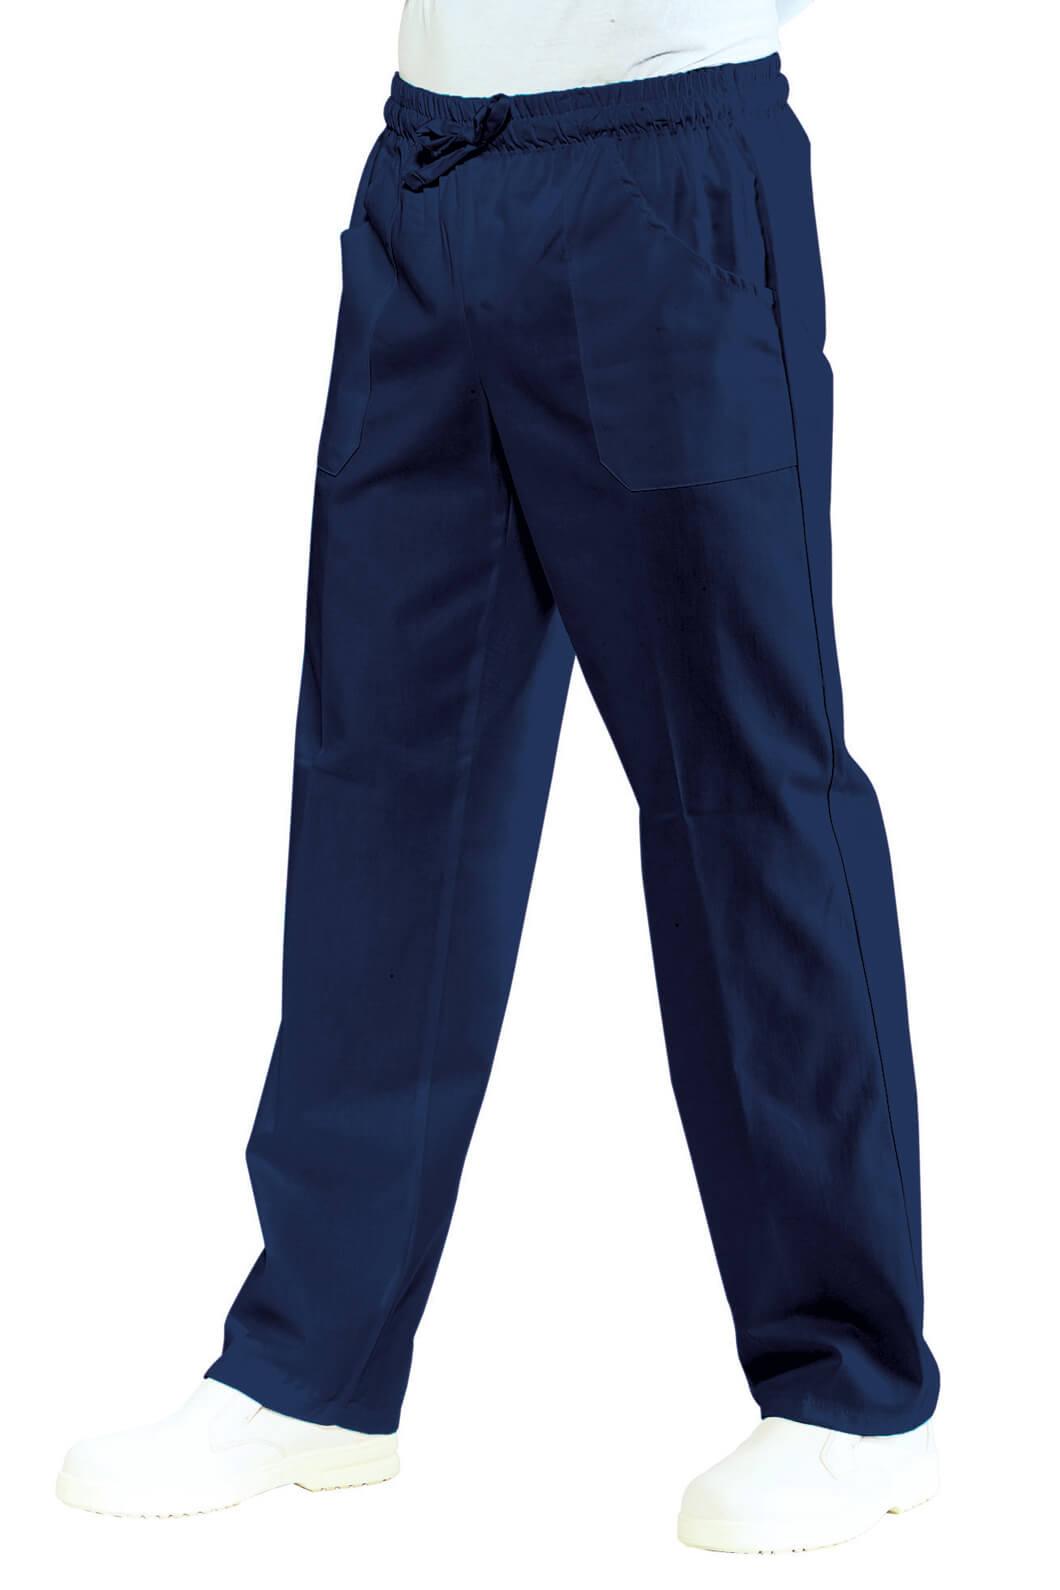 Pantalon-medical-Mixte-Taille-Elastique-Bleu-marine-100-Coton-Bleu